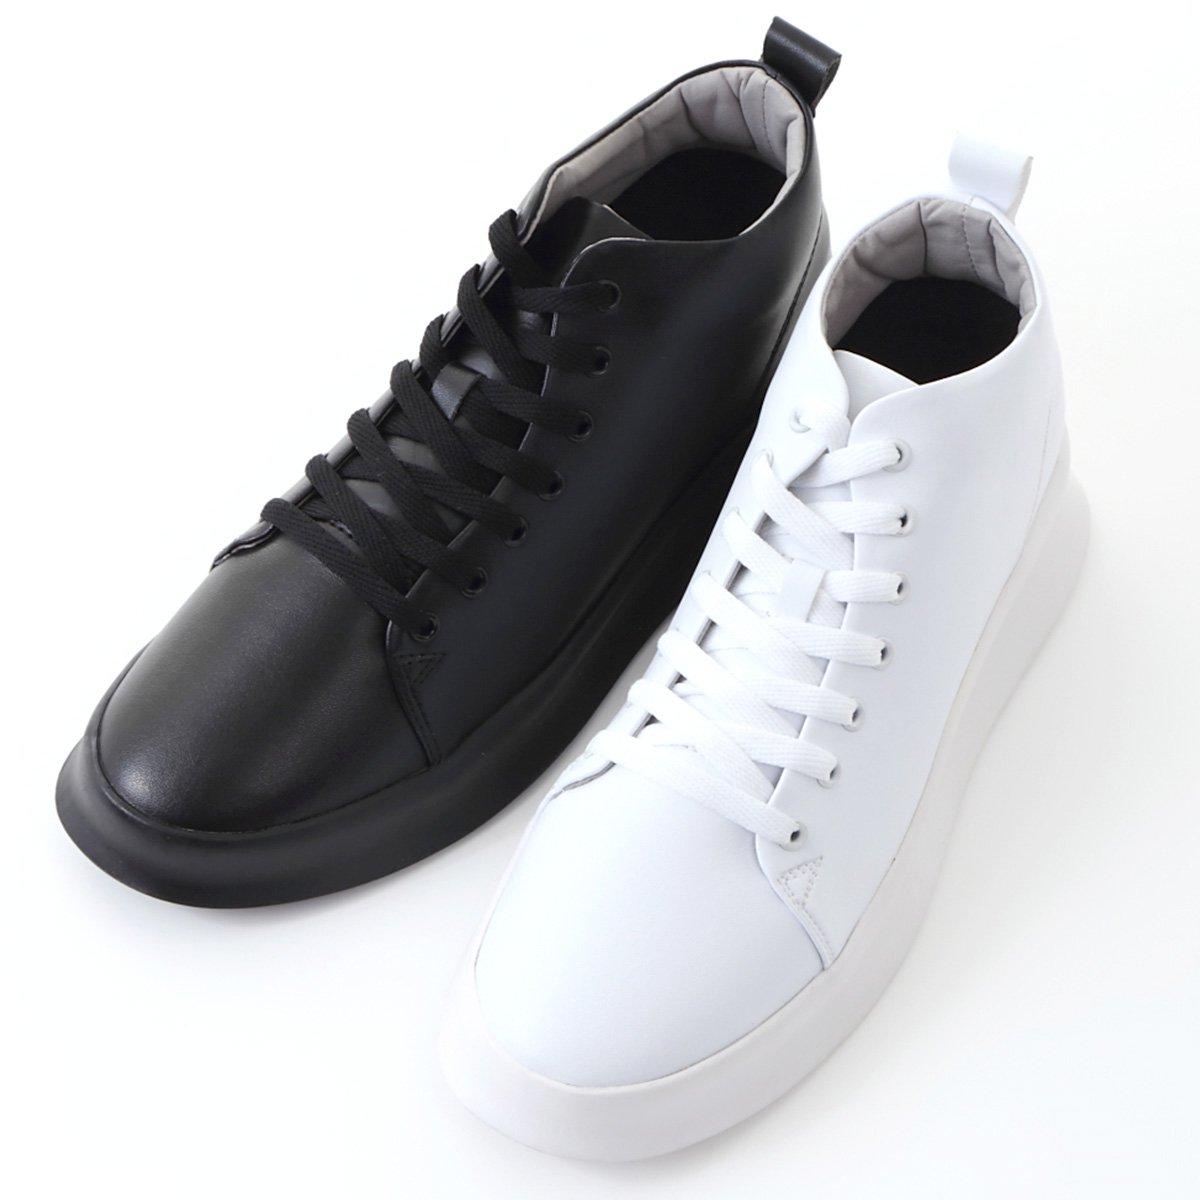 シークレットスニーカー 8cmアップ メンズ スニーカー シークレットシューズ 8cm背が高くなる靴 23.5cm〜 kk2-080-g